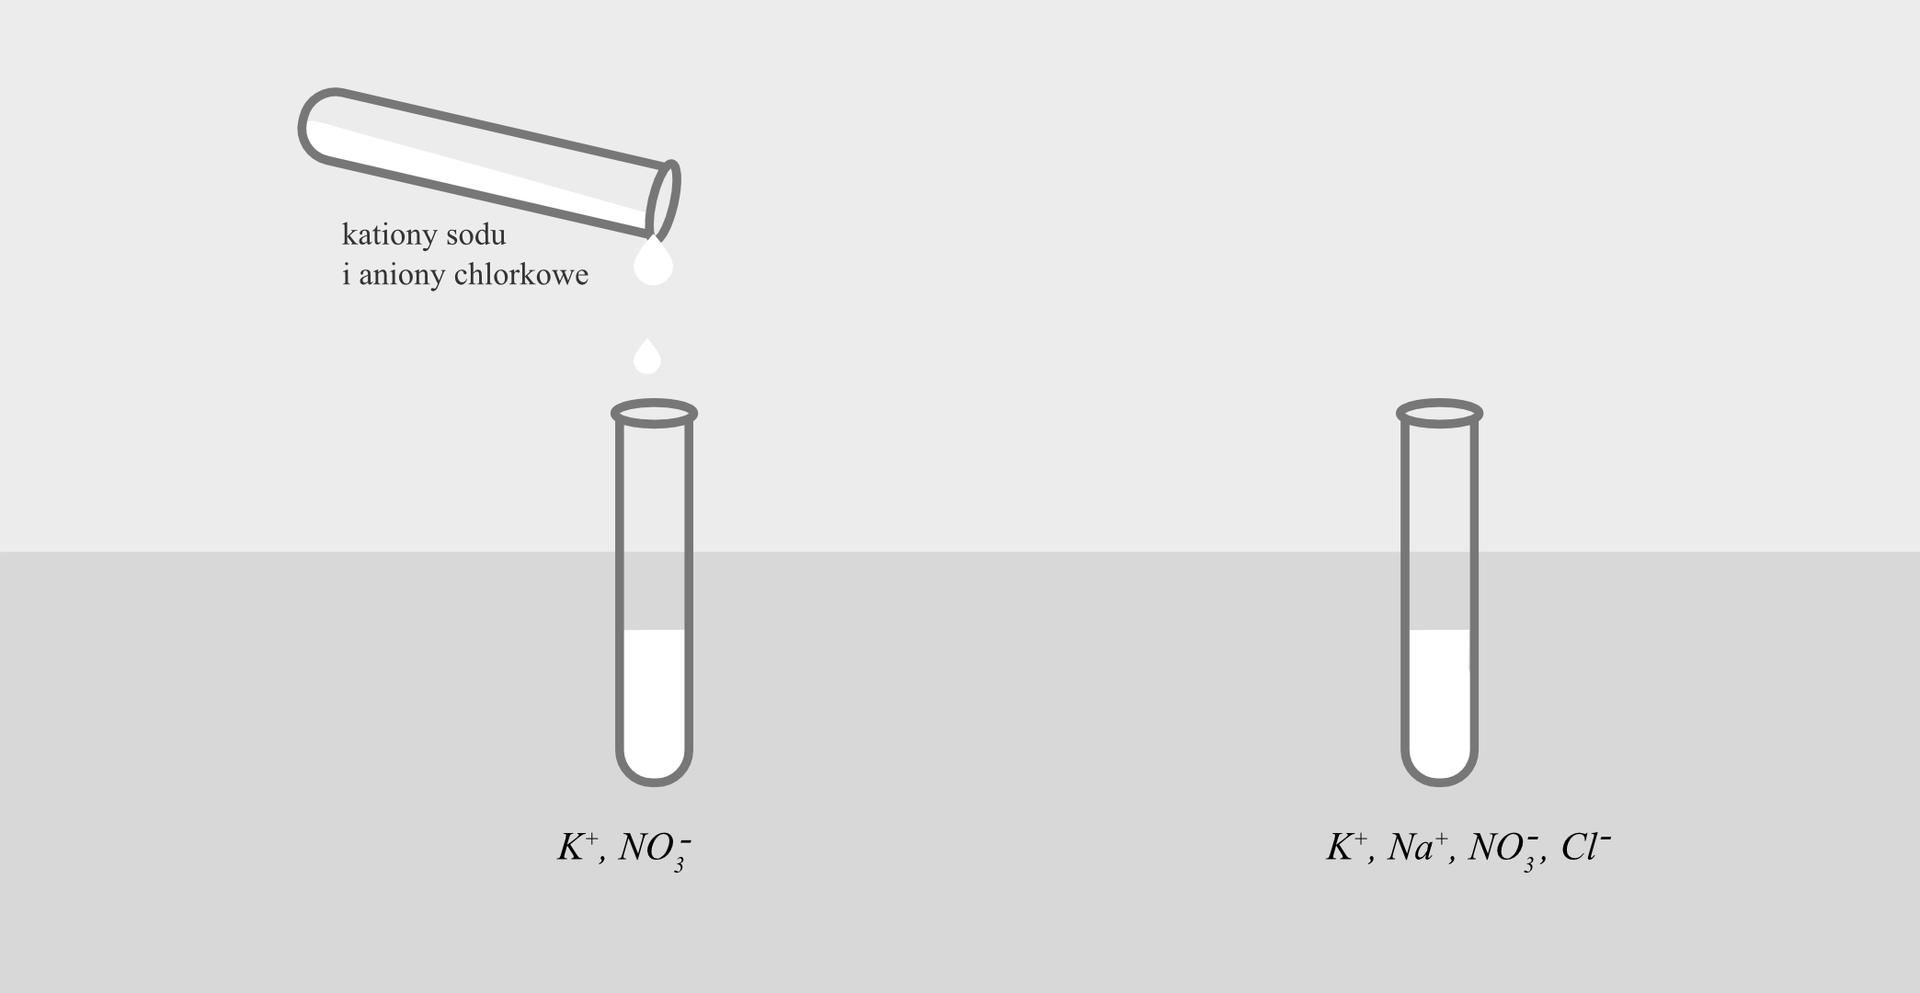 Ilustracja przedstawia rysunek dwóch faz jednego eksperymentu. Po lewej stronie znajduje się dwie probówki zroztworami. Dolna, ustawiona pionowo podpisana jest jonami Kplus iNO3 minus. Górna, przechylona, zktórej zawartość przelewana jest do dolnej nie jest podpisana, co sugeruje taką samą zawartość, jak na ilustracji powyżej. Po prawej stronie rysunku widoczna jest pojedyncza, pełna próbówka zopisem zawartości: jony Kplus, Na plus, NO3 minus iCl minus.